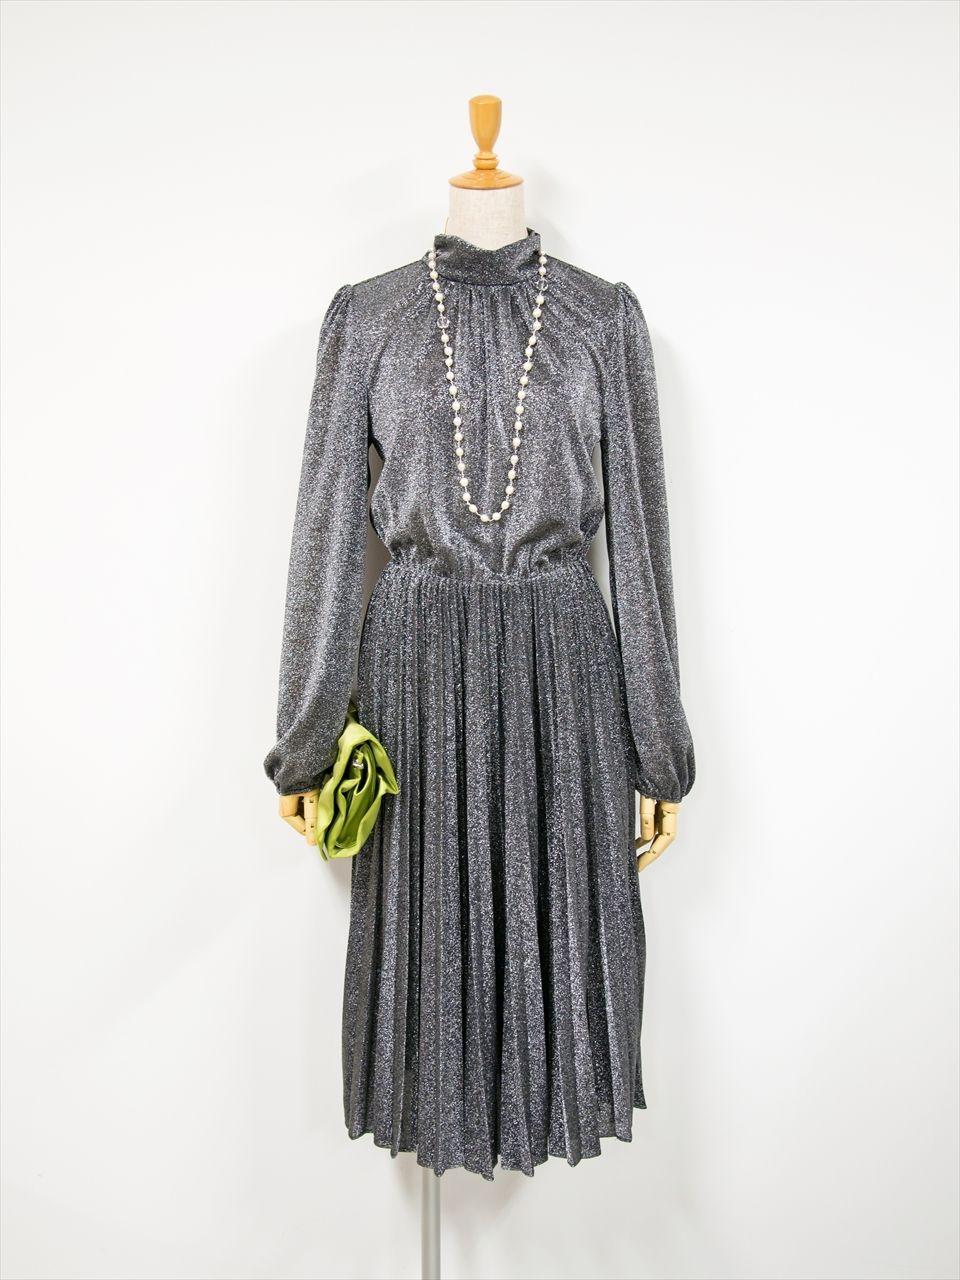 547071b89146c ドレス全体に入ったラメが華やかなドレスです。 ウエスト部分にはゴムが ...